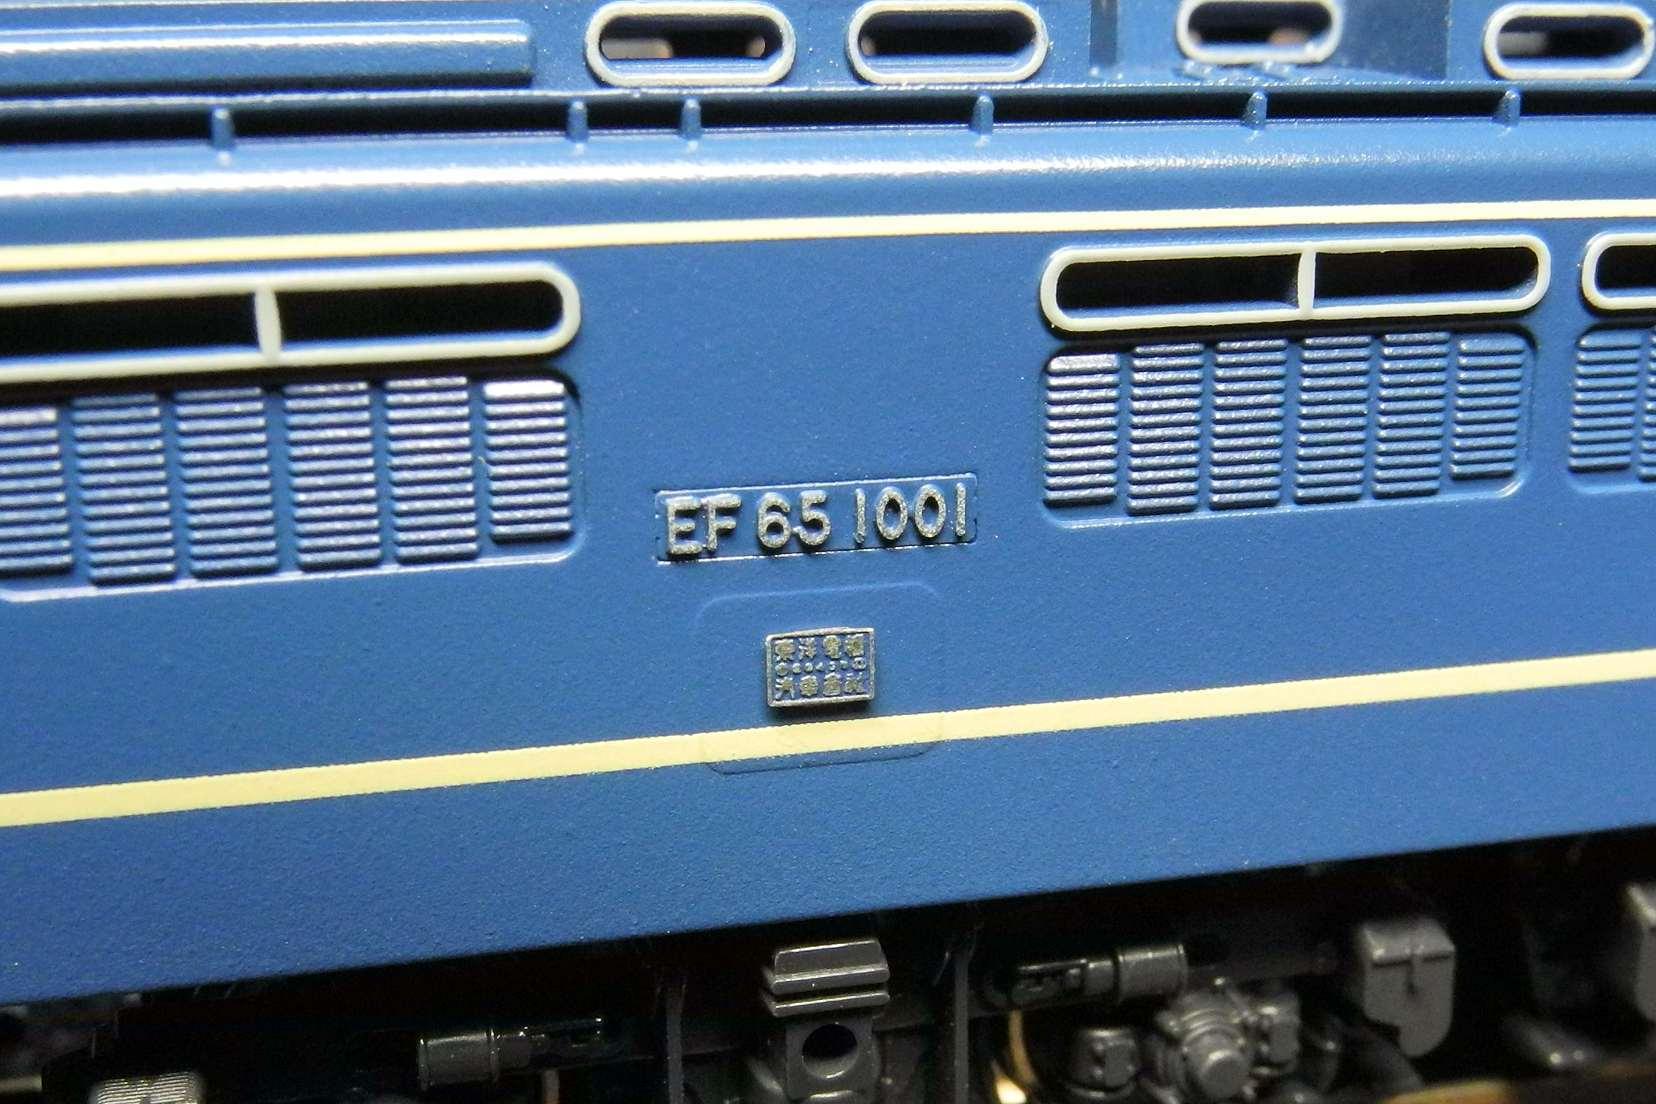 DSCN8548-1.jpg